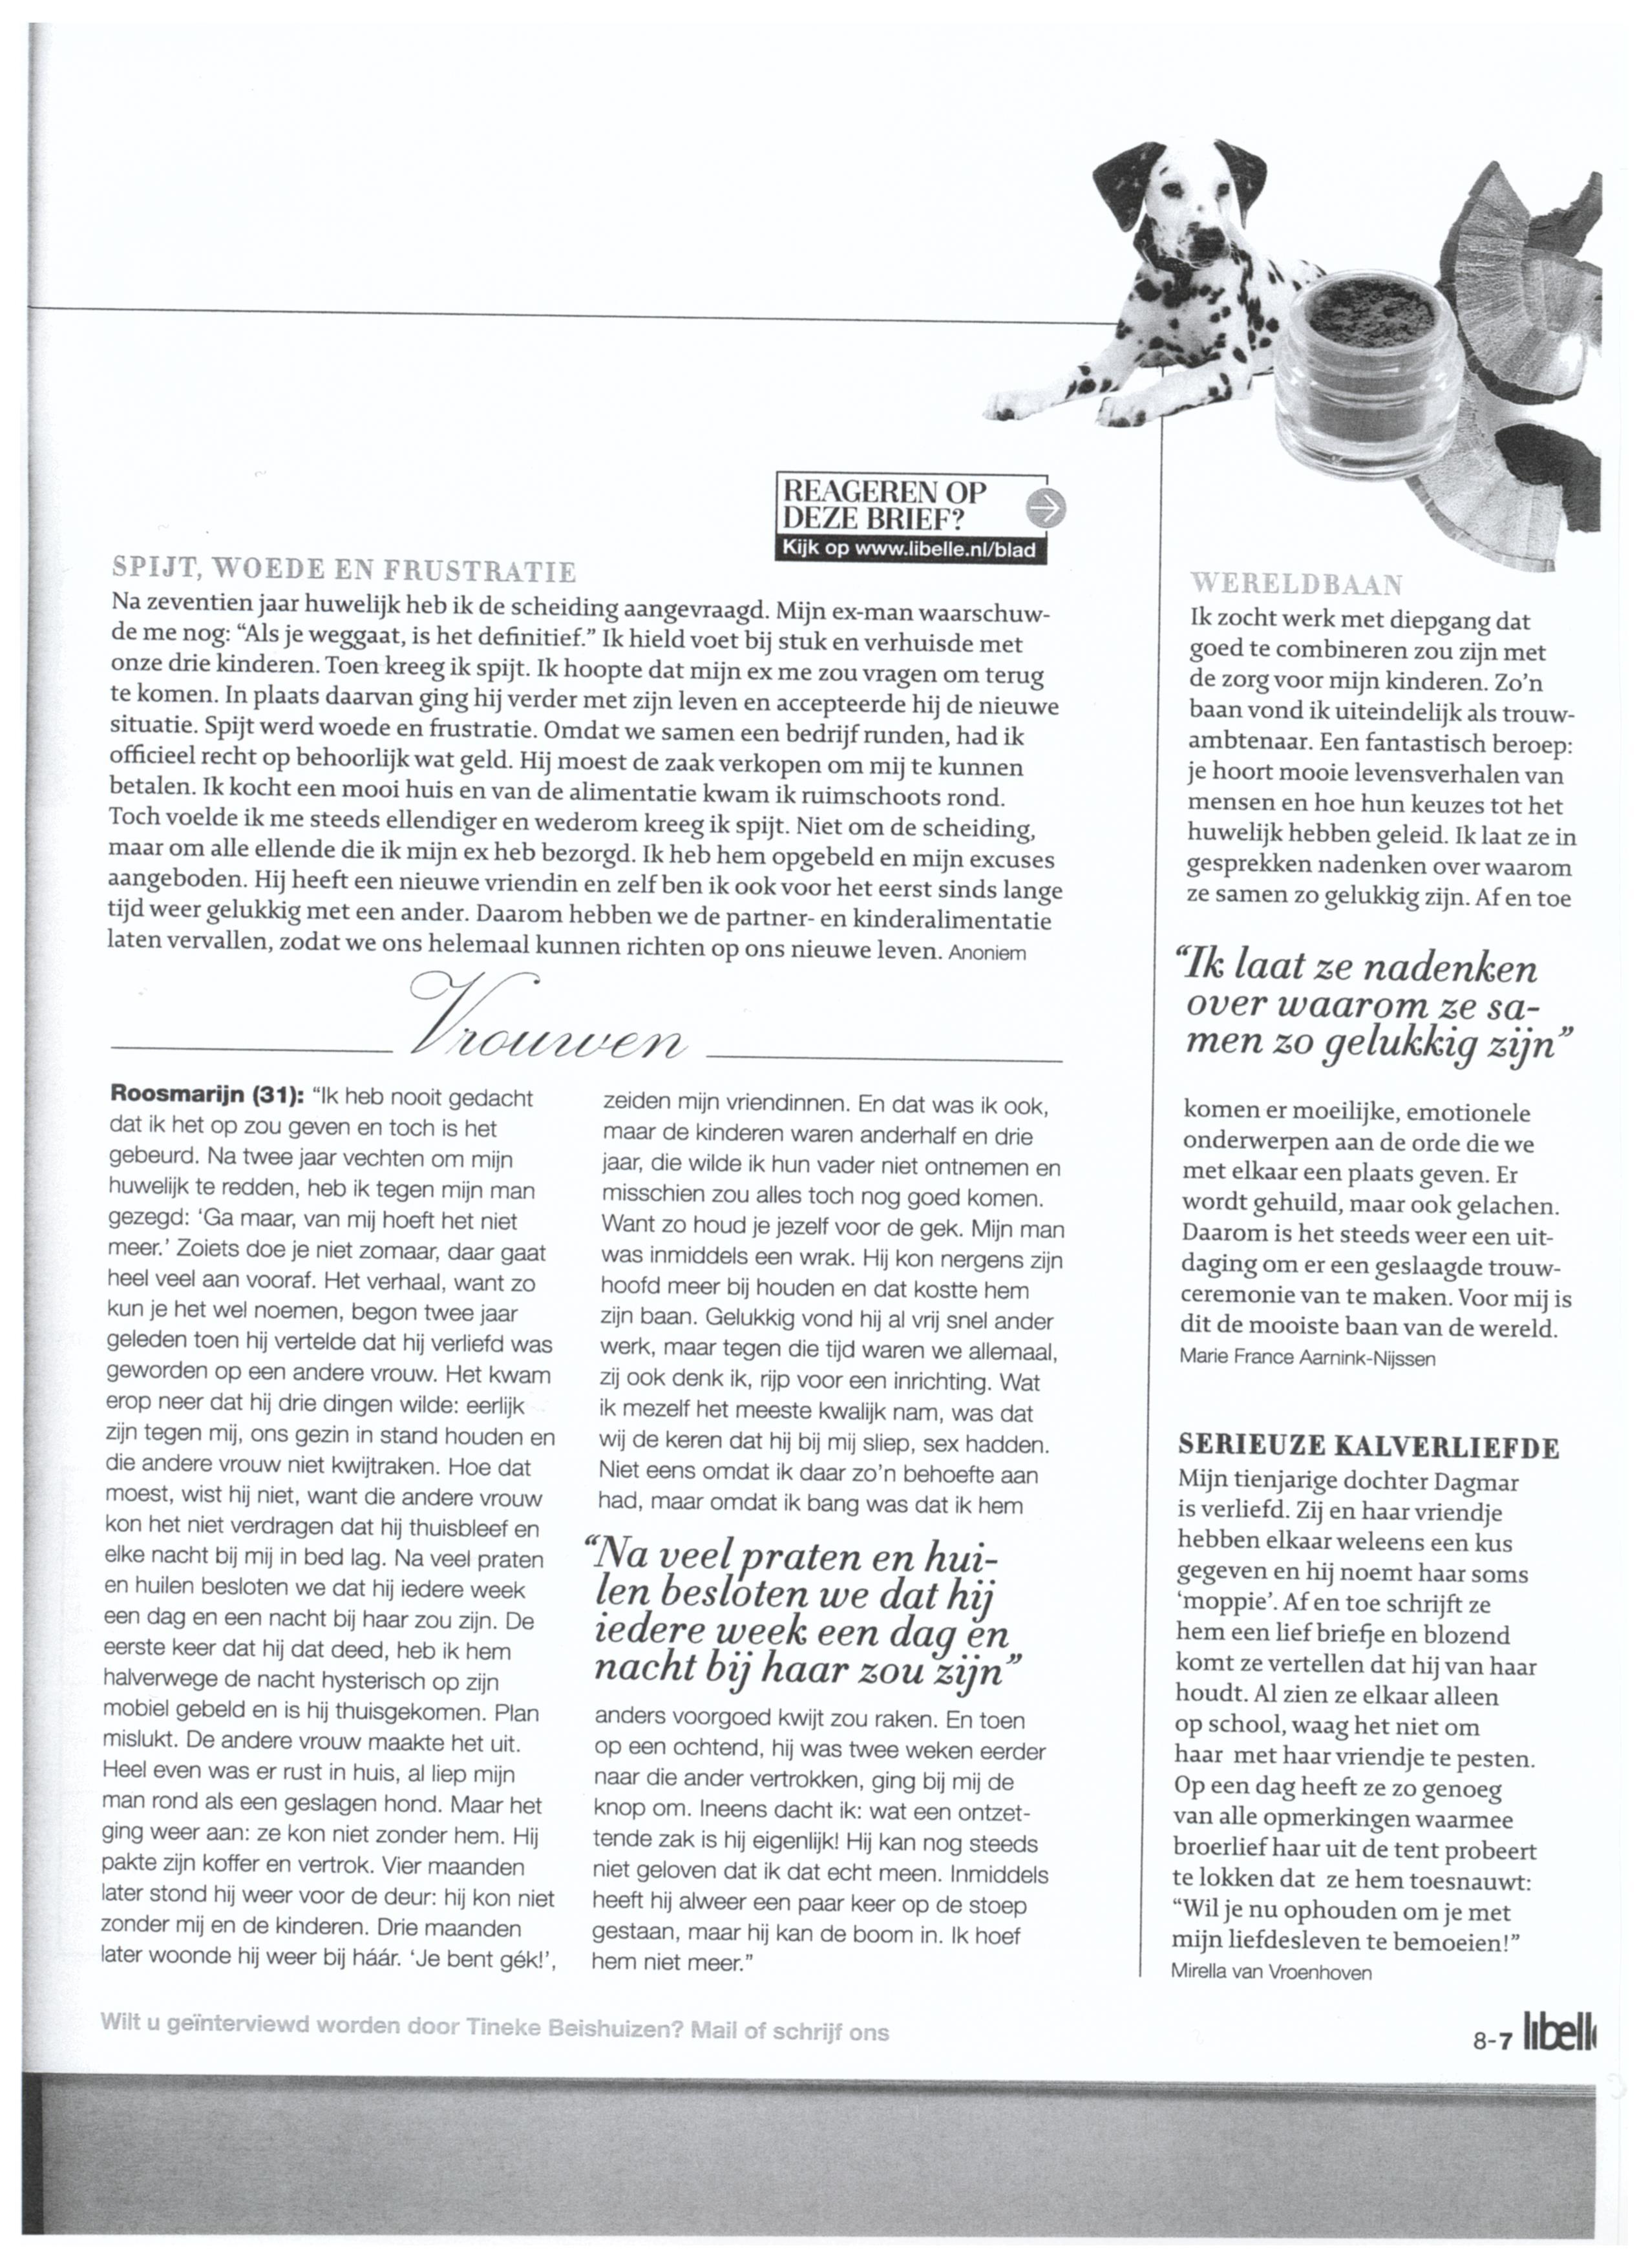 20120222 Interview Met BABS Trouwambtenaar In Libelle